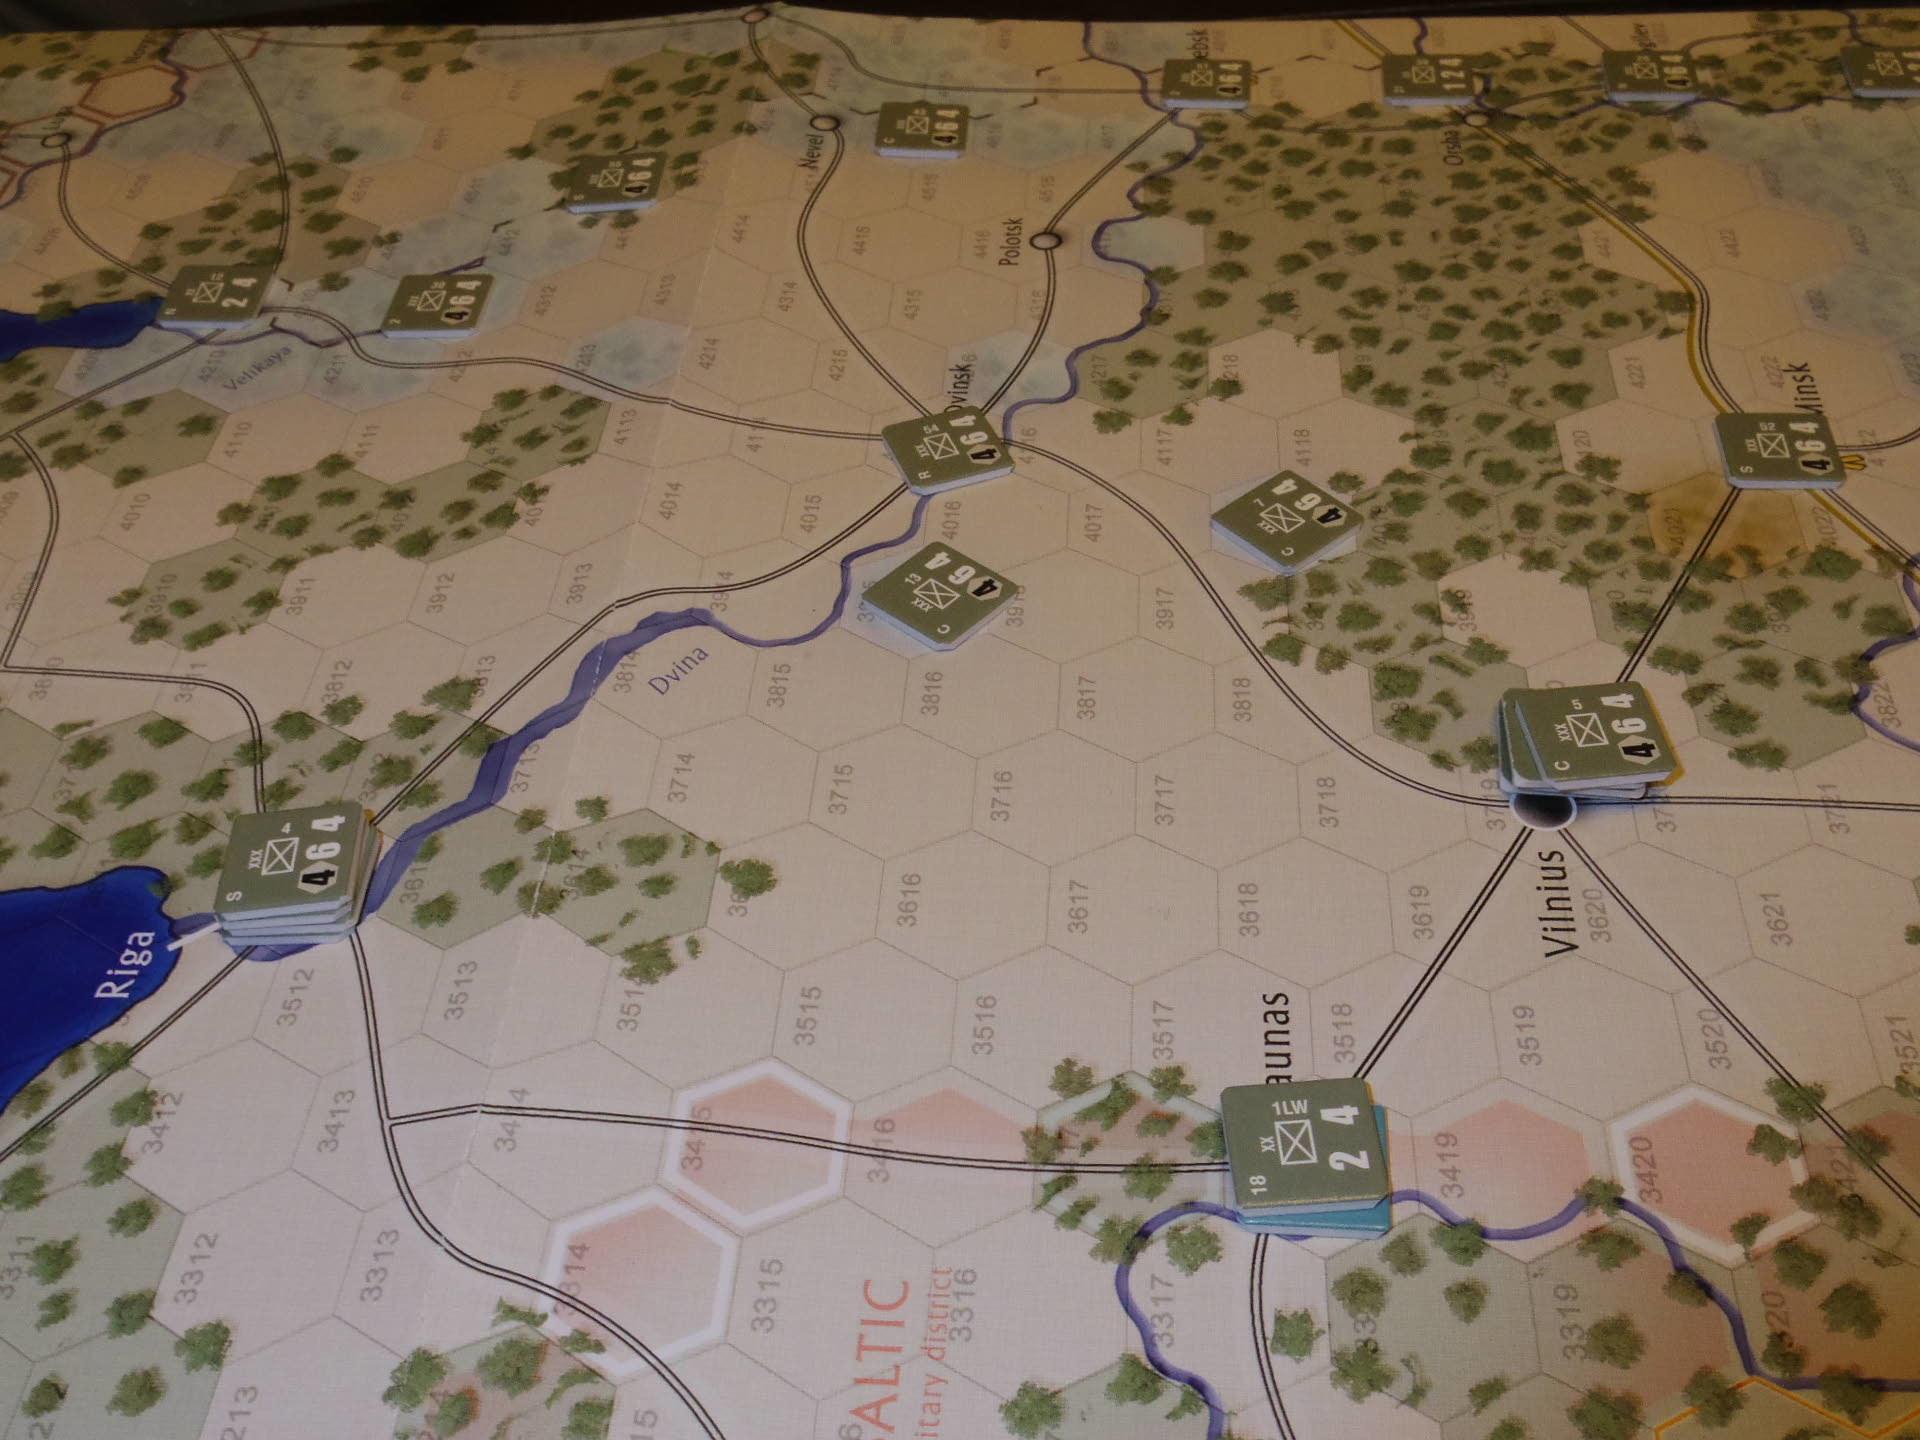 2年振りの再戦に備えて着々と準備は進む...(GMT)The Dark Valley  ダーク・ヴァレー 「バグラチオン:1944シナリオ」_b0173672_20582397.jpg